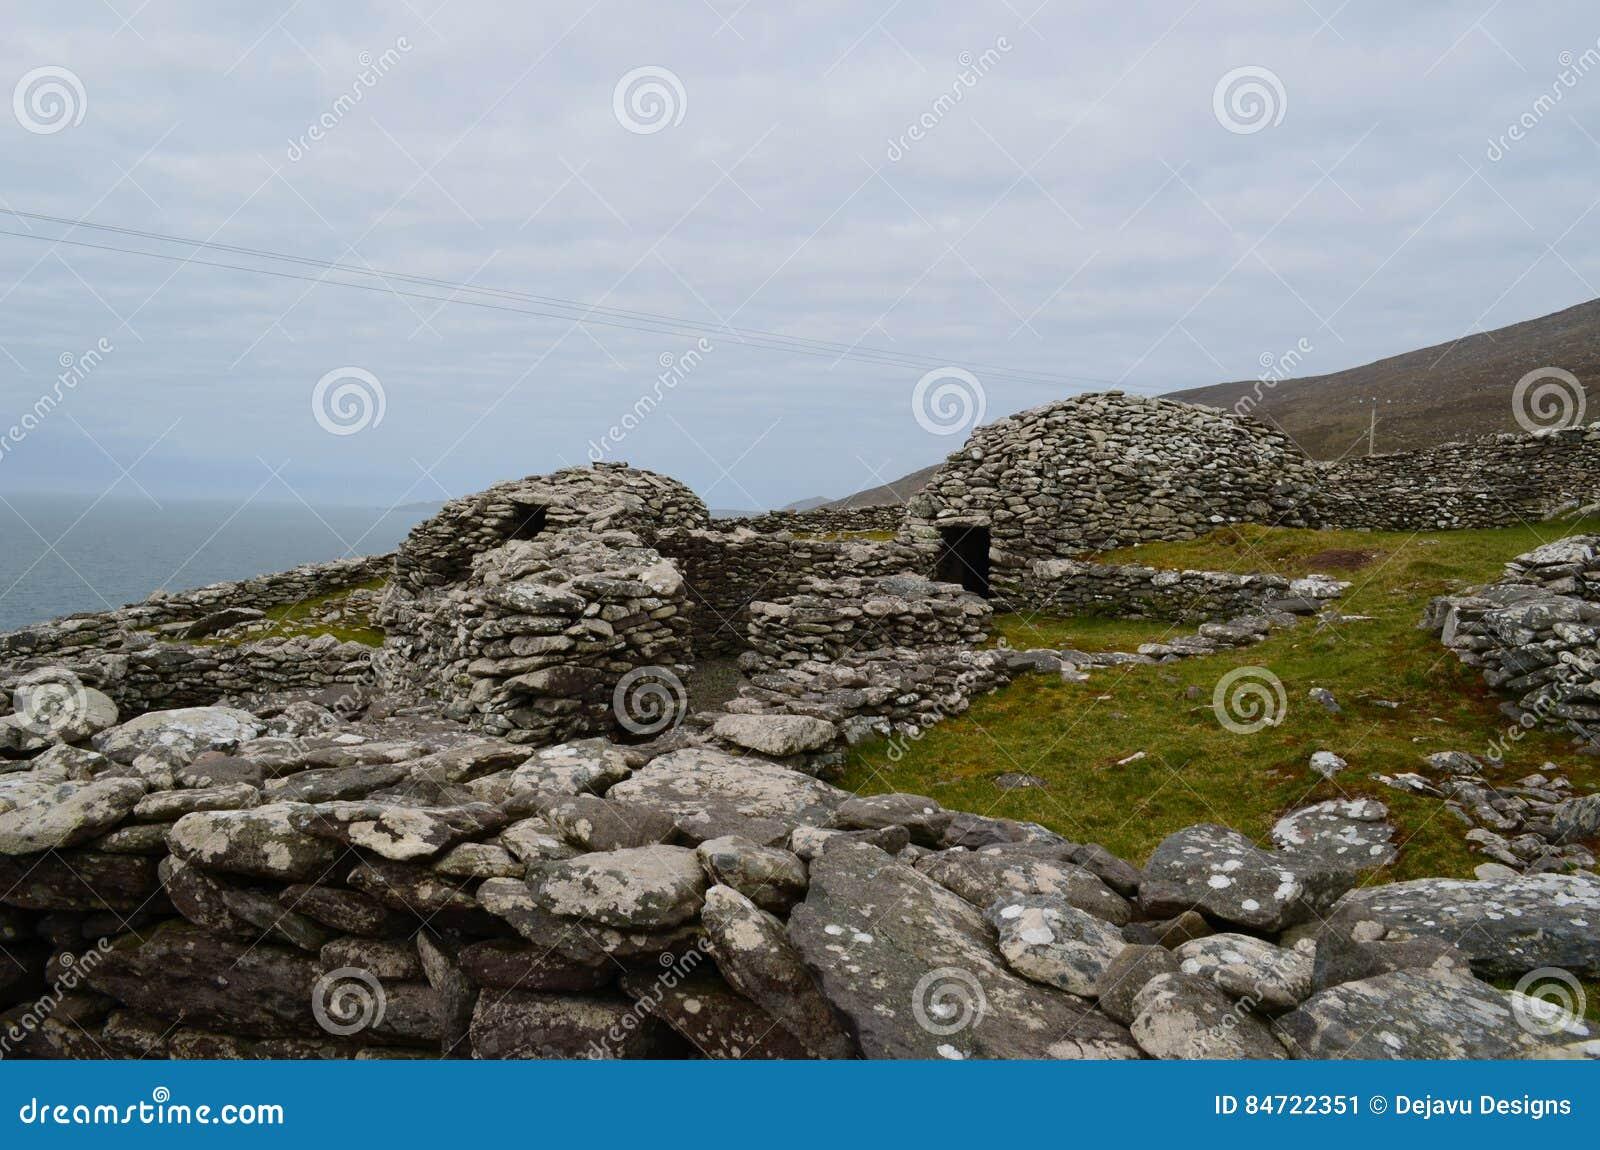 Деревня хаты улья Clochan в Ирландии